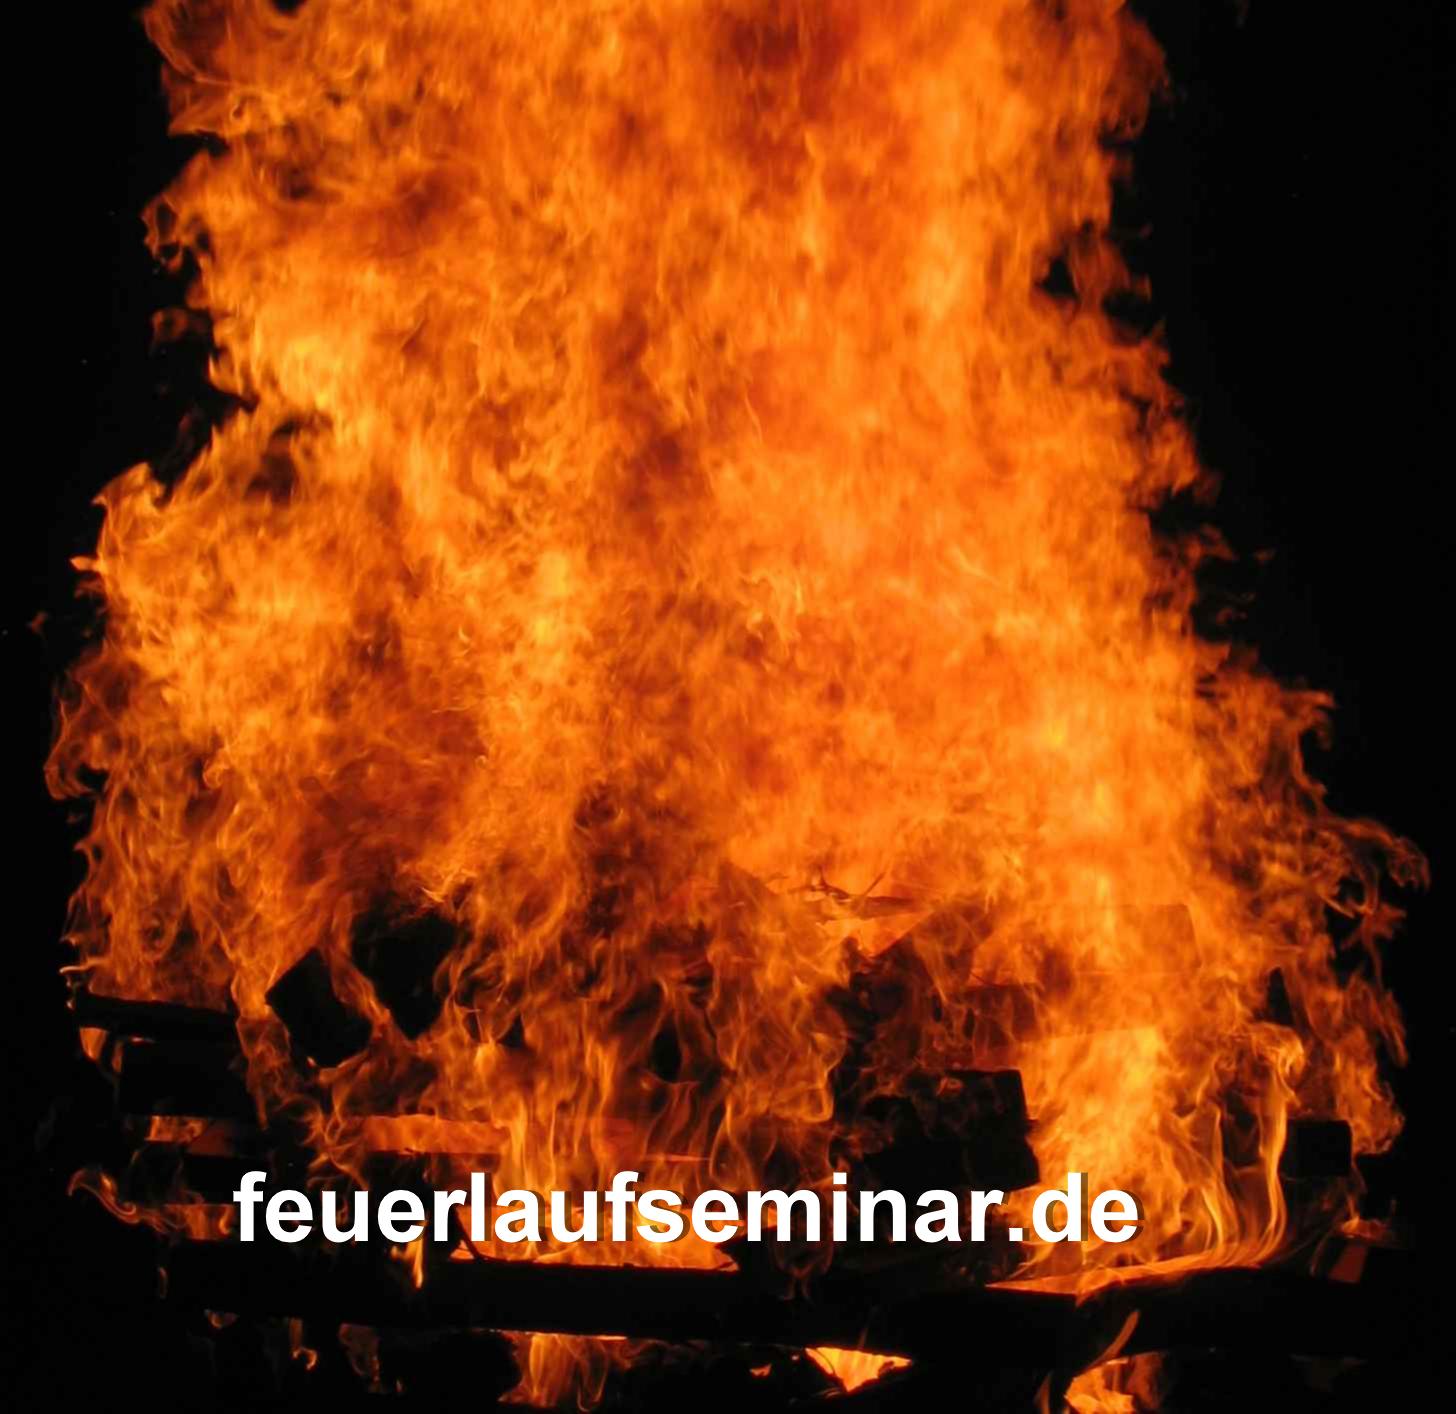 5 - Der Holzstapel brennt lichterloh